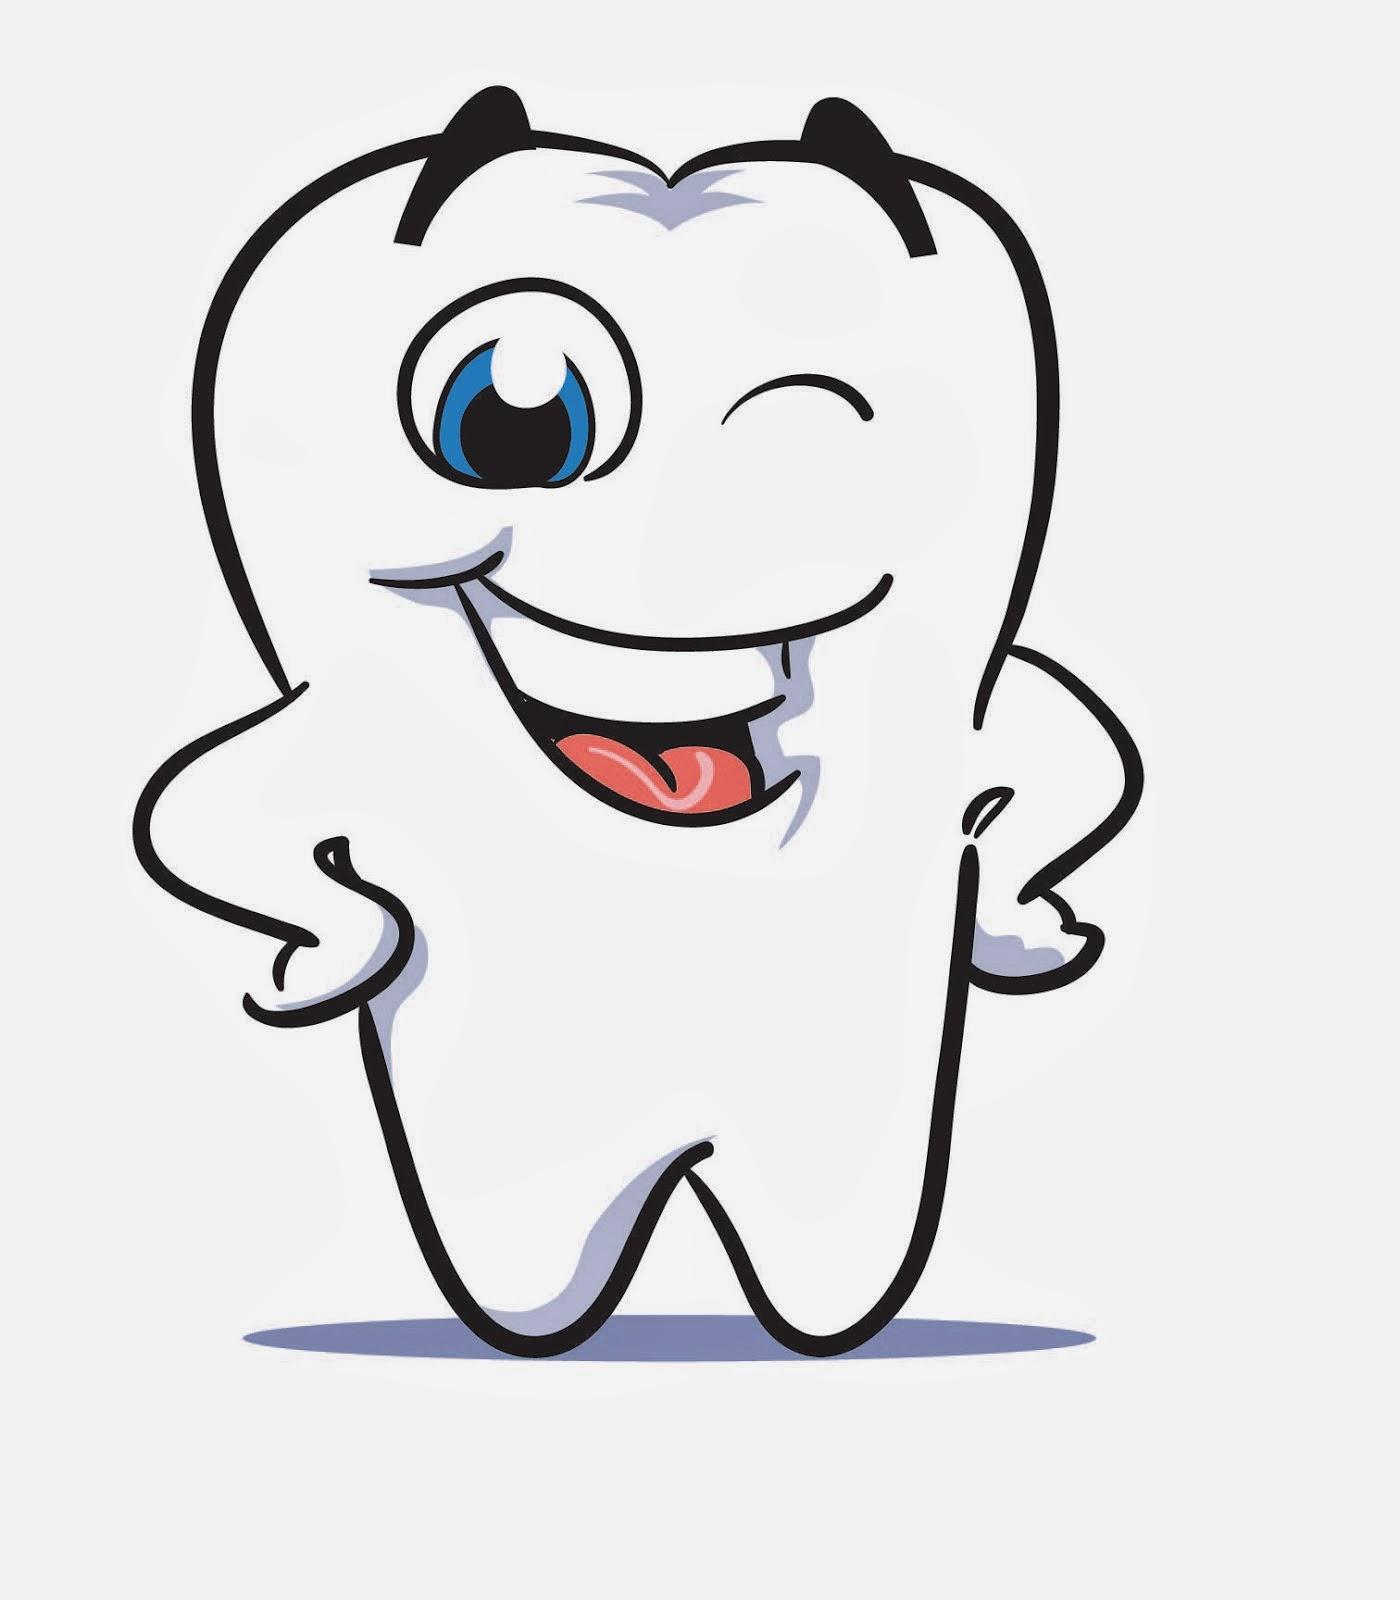 Картинки прикольных зубов